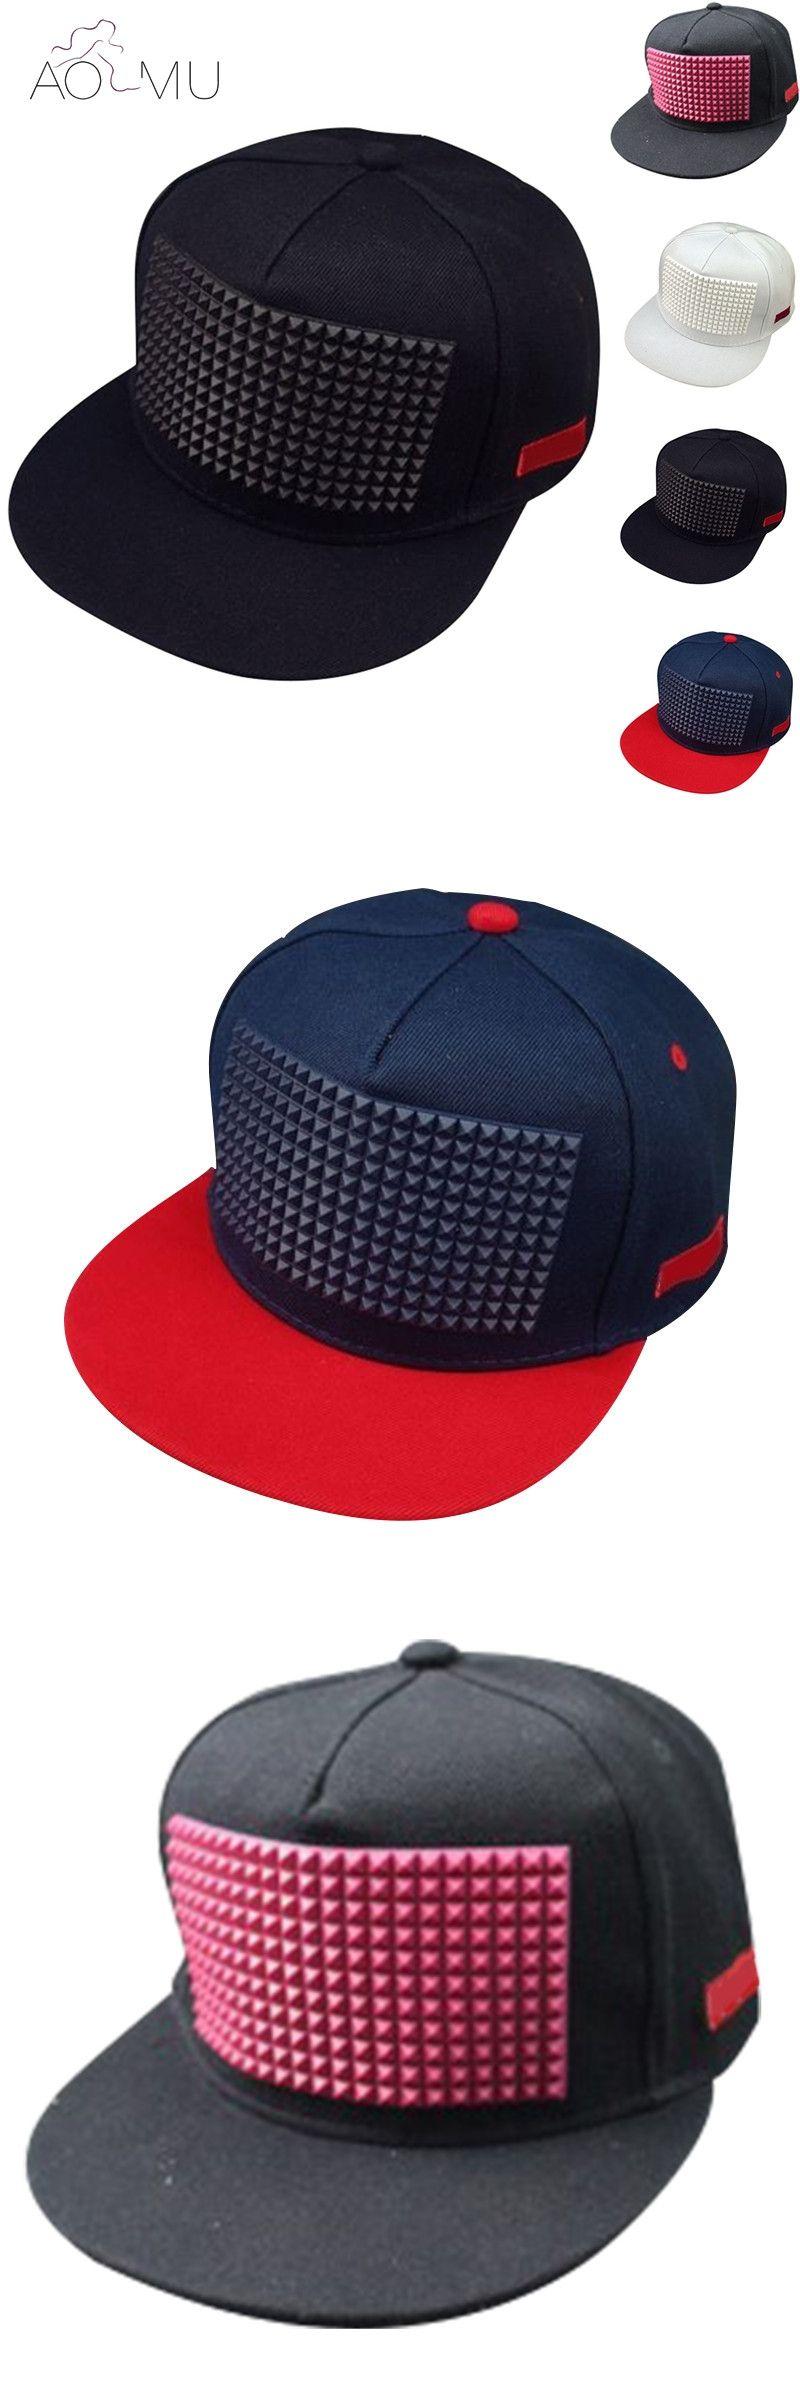 a929d62d923 AOMU New Hot Sale Men Women s Plastic Triangle Baseball Cap Hat Hip Hop Cap  Flat-